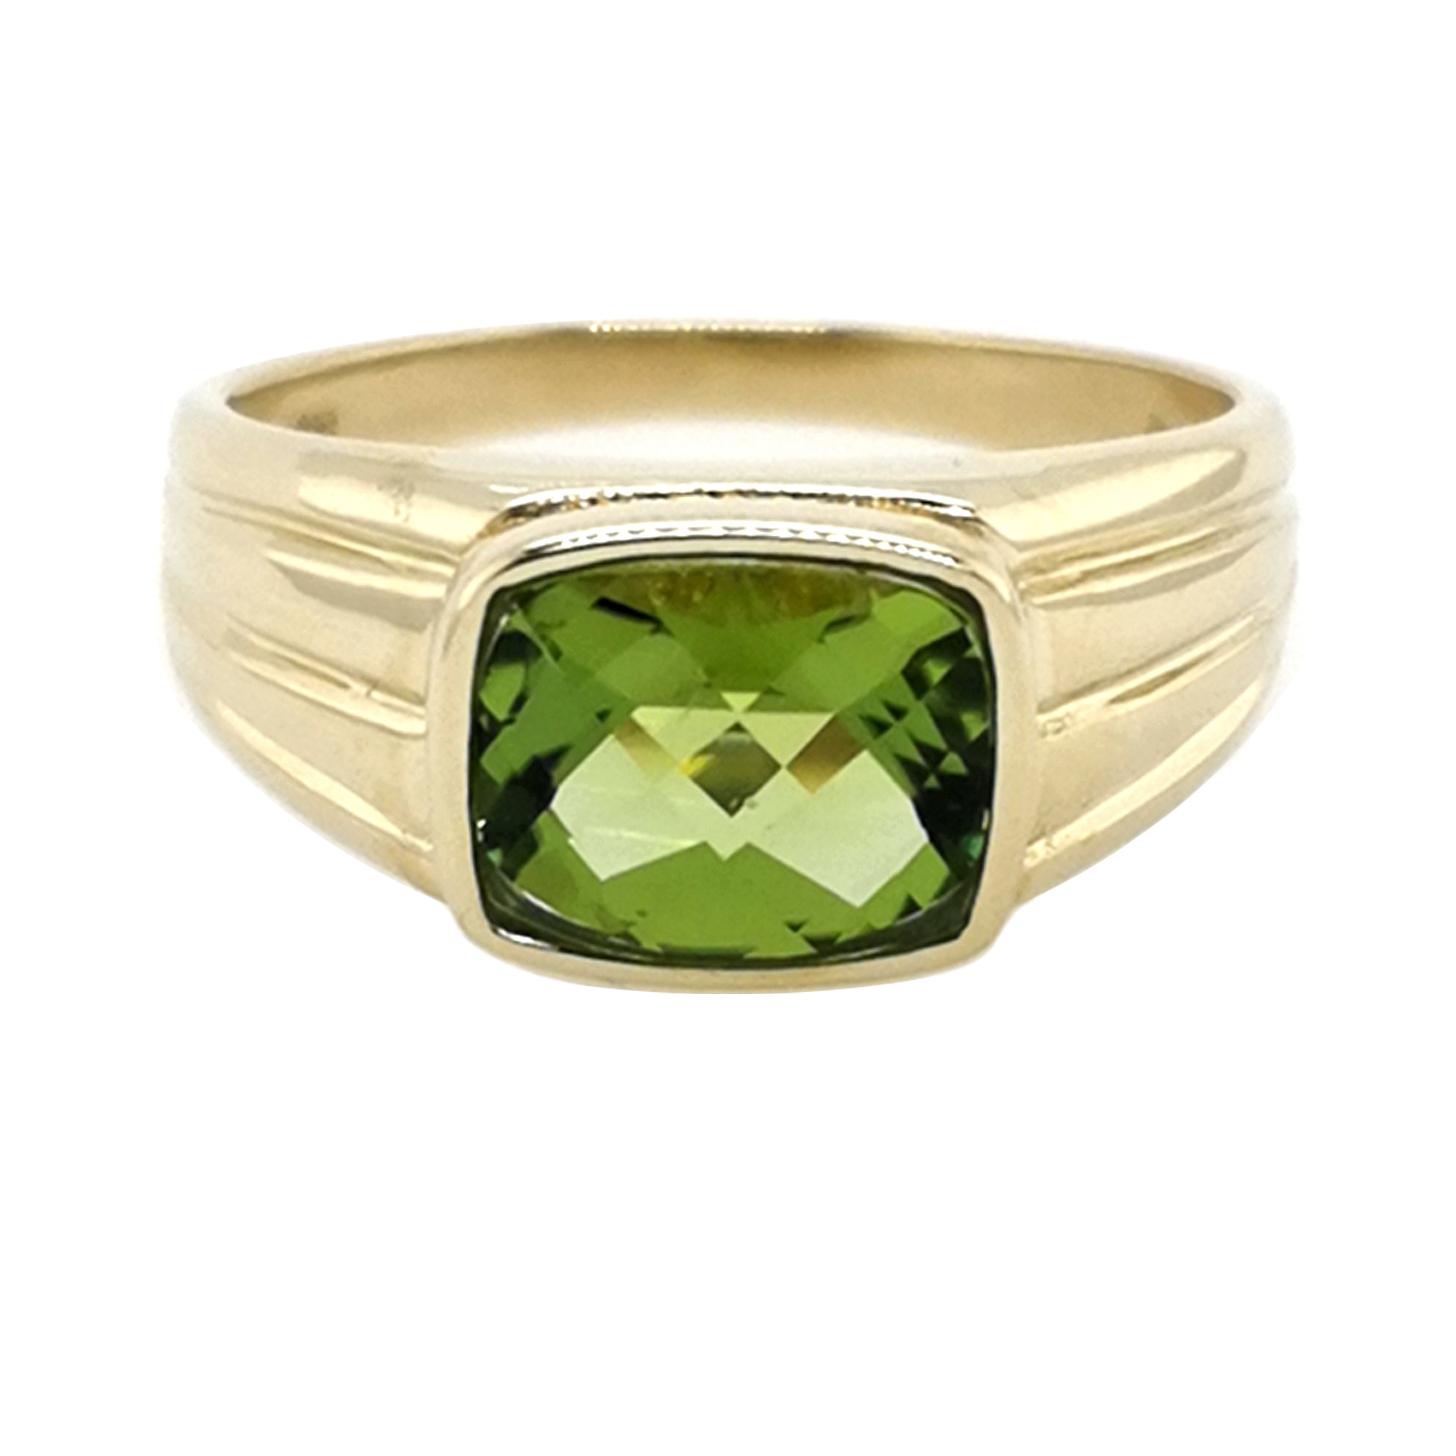 Ring mit Peridot im Briolet Cut mit Checker Top facettiert, Edelstein ca. 3 ct, 585 Gelbgold